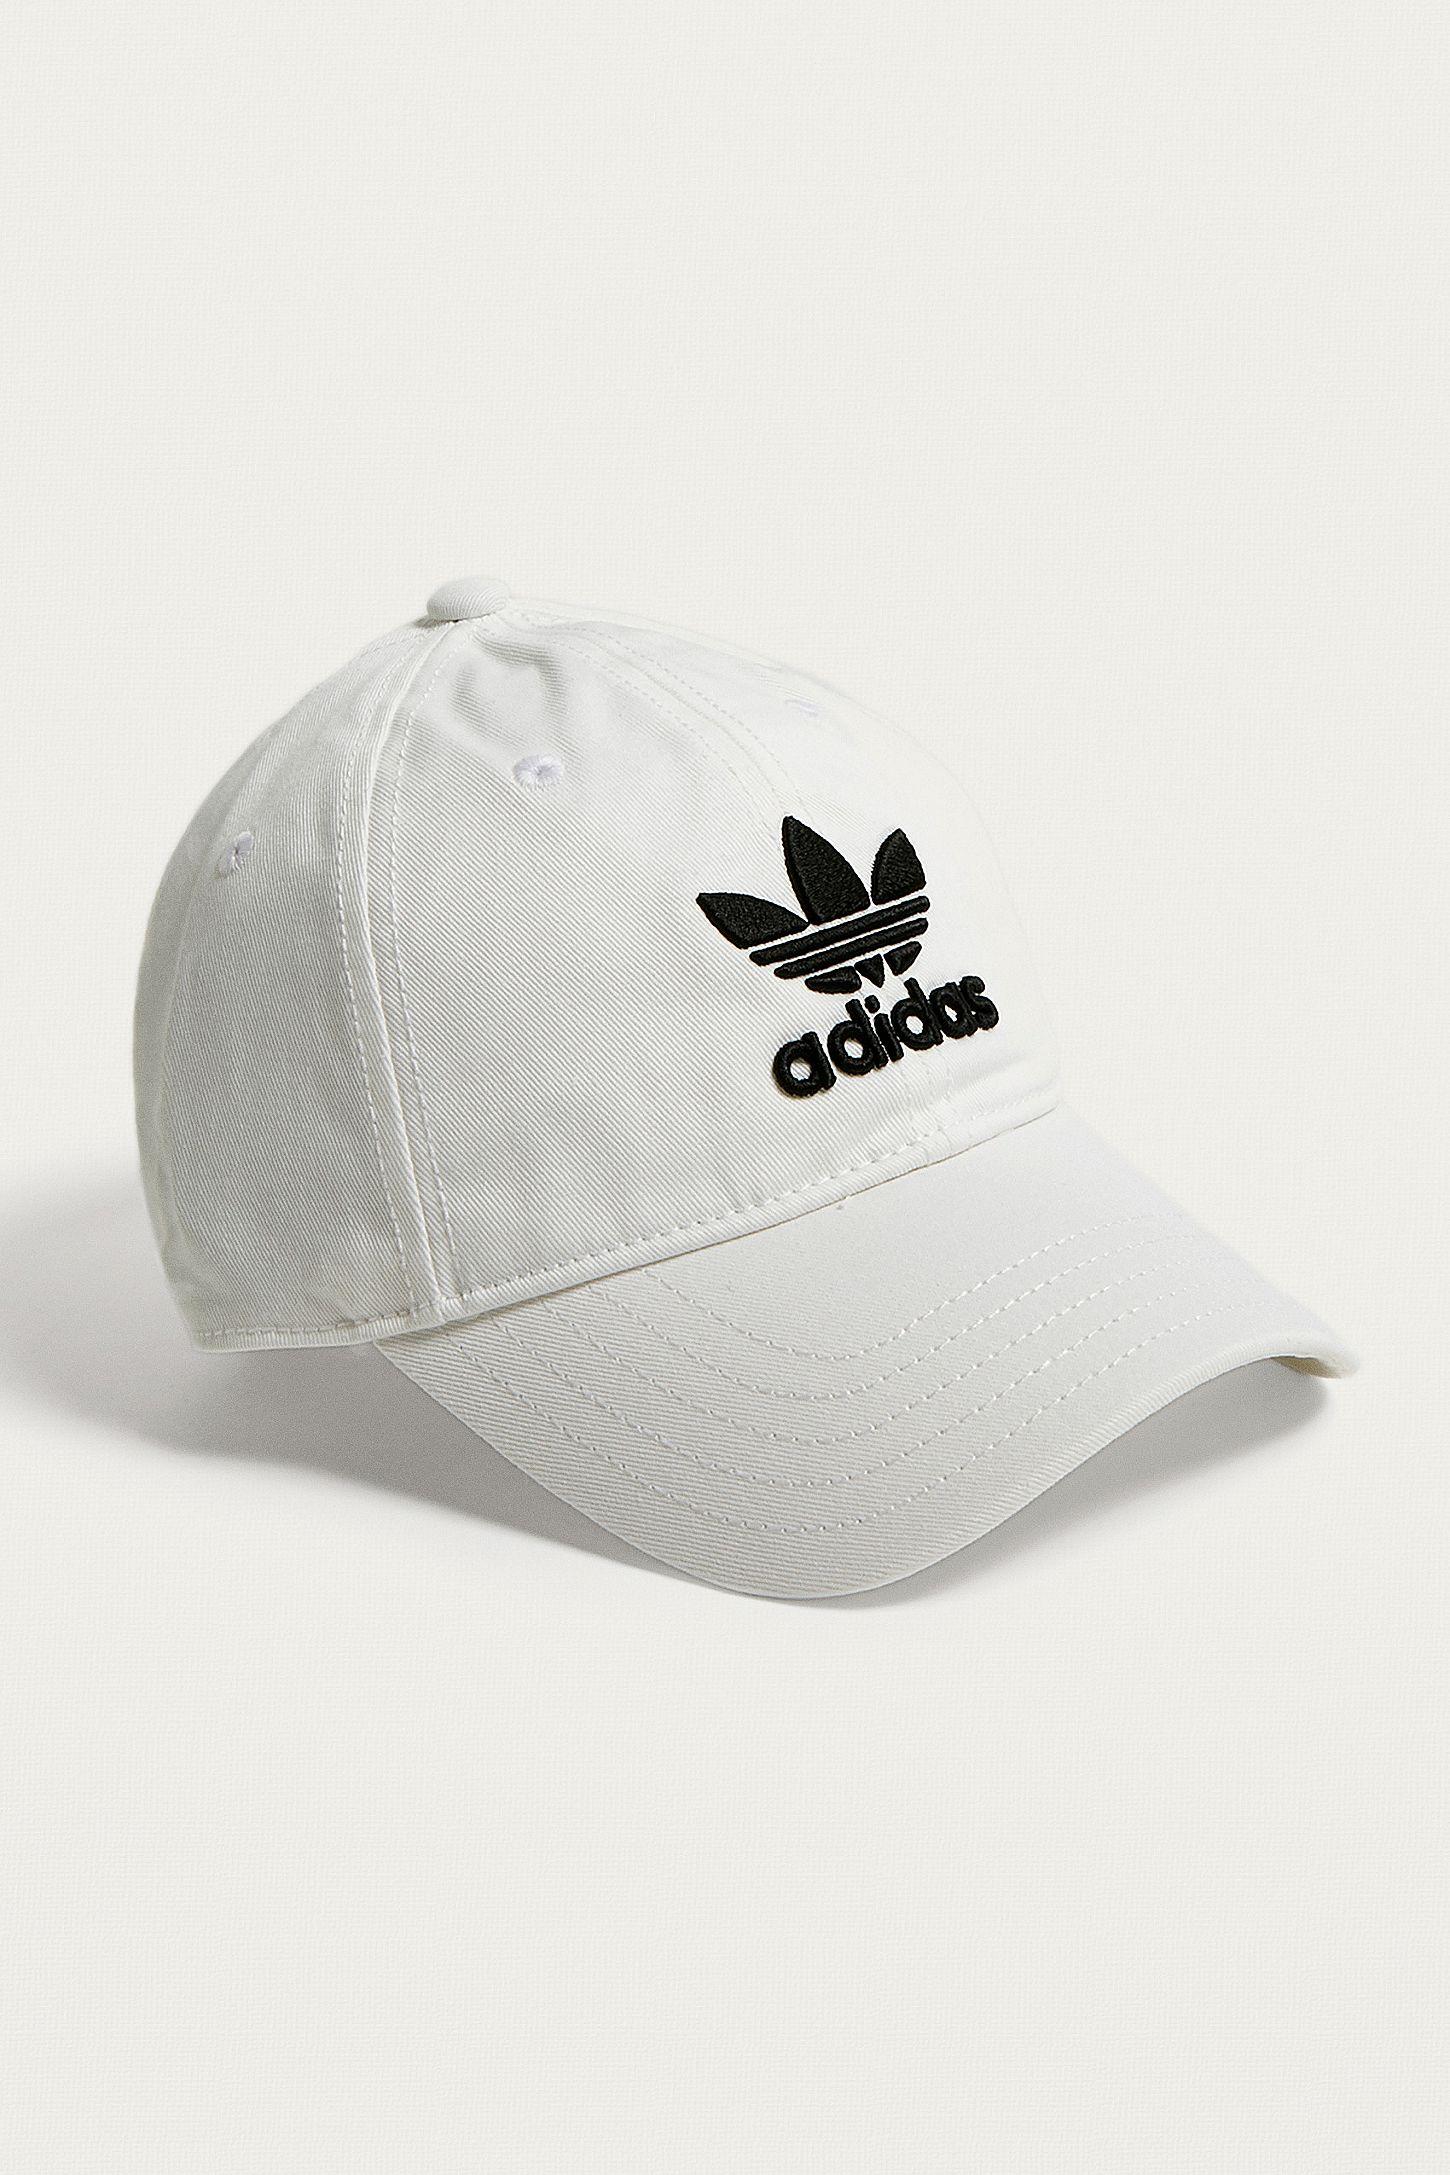 adidas Originals White Trefoil Dad Cap  4f567aab8ed